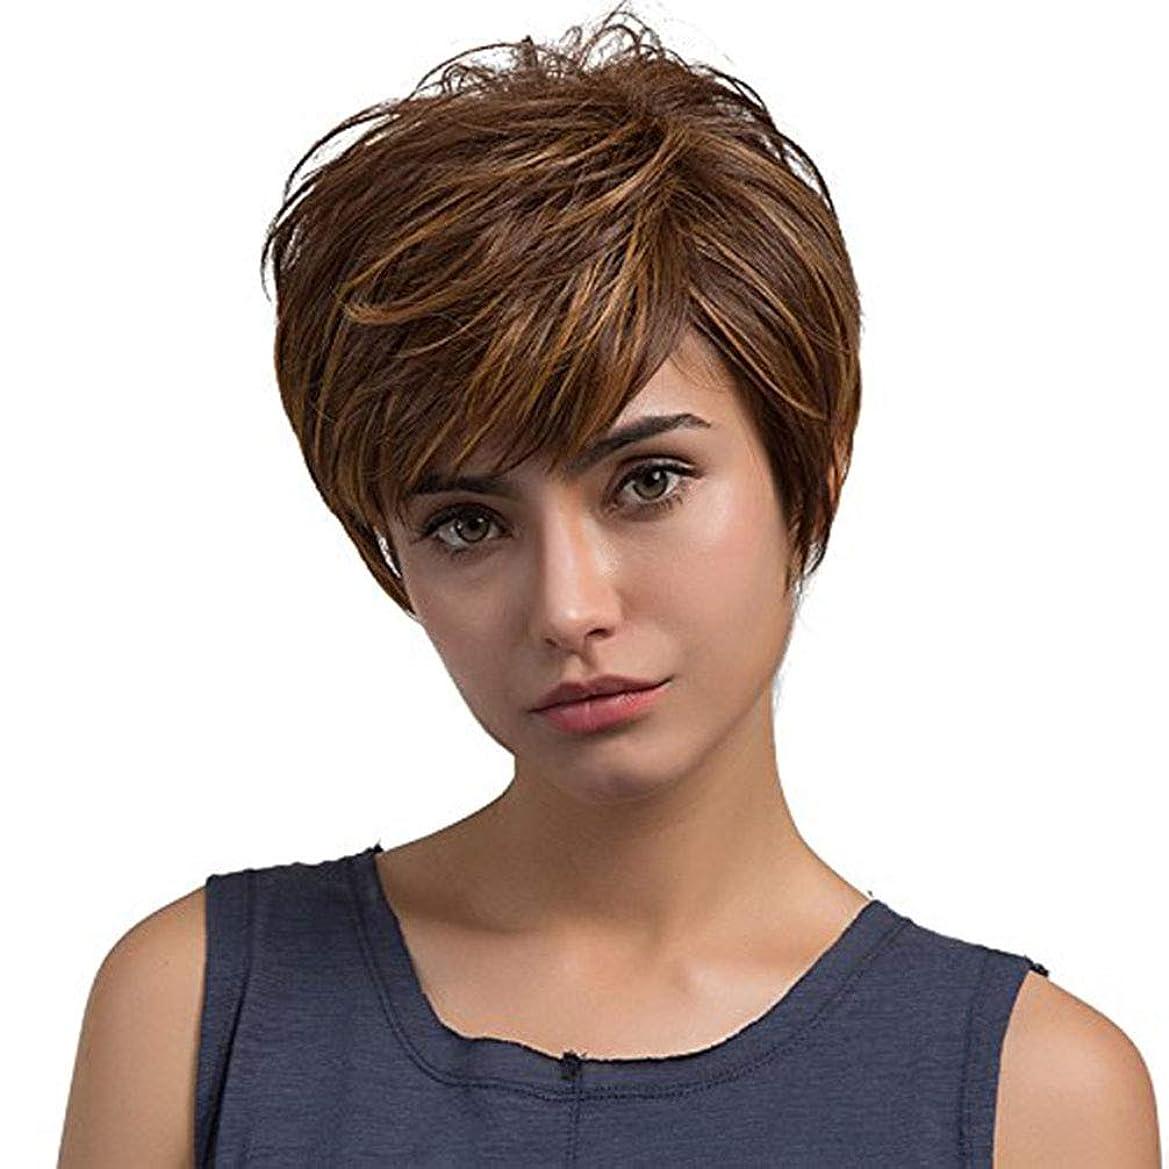 貸し手おめでとう独立したかつら茶色の短い髪混合色ストレート合成かつら髪の延長は、女性のための髪の前髪で現実的な 130% 毎日のパーティーのハロウィーンのための高密度